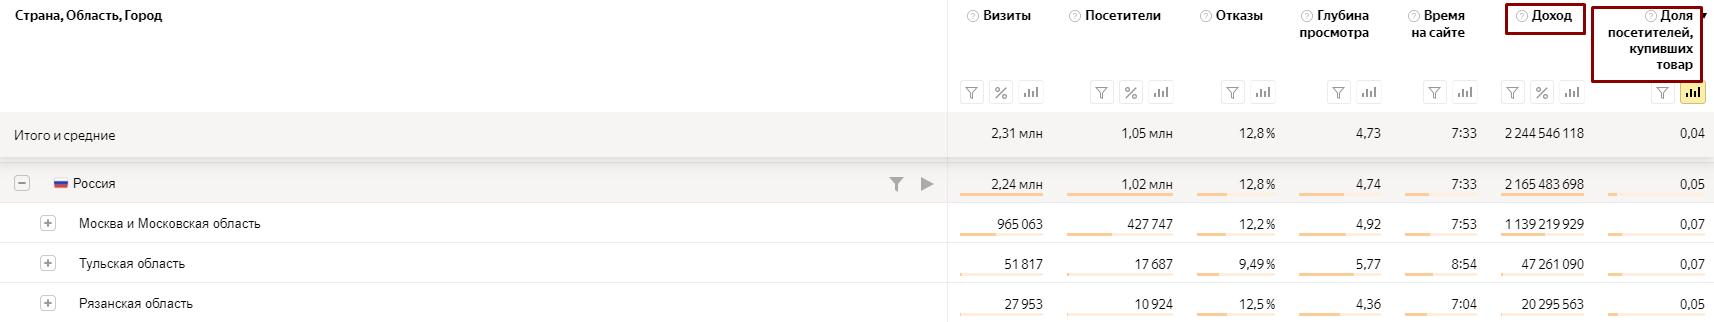 Статистика отчета «География» в Яндекс.Метрике